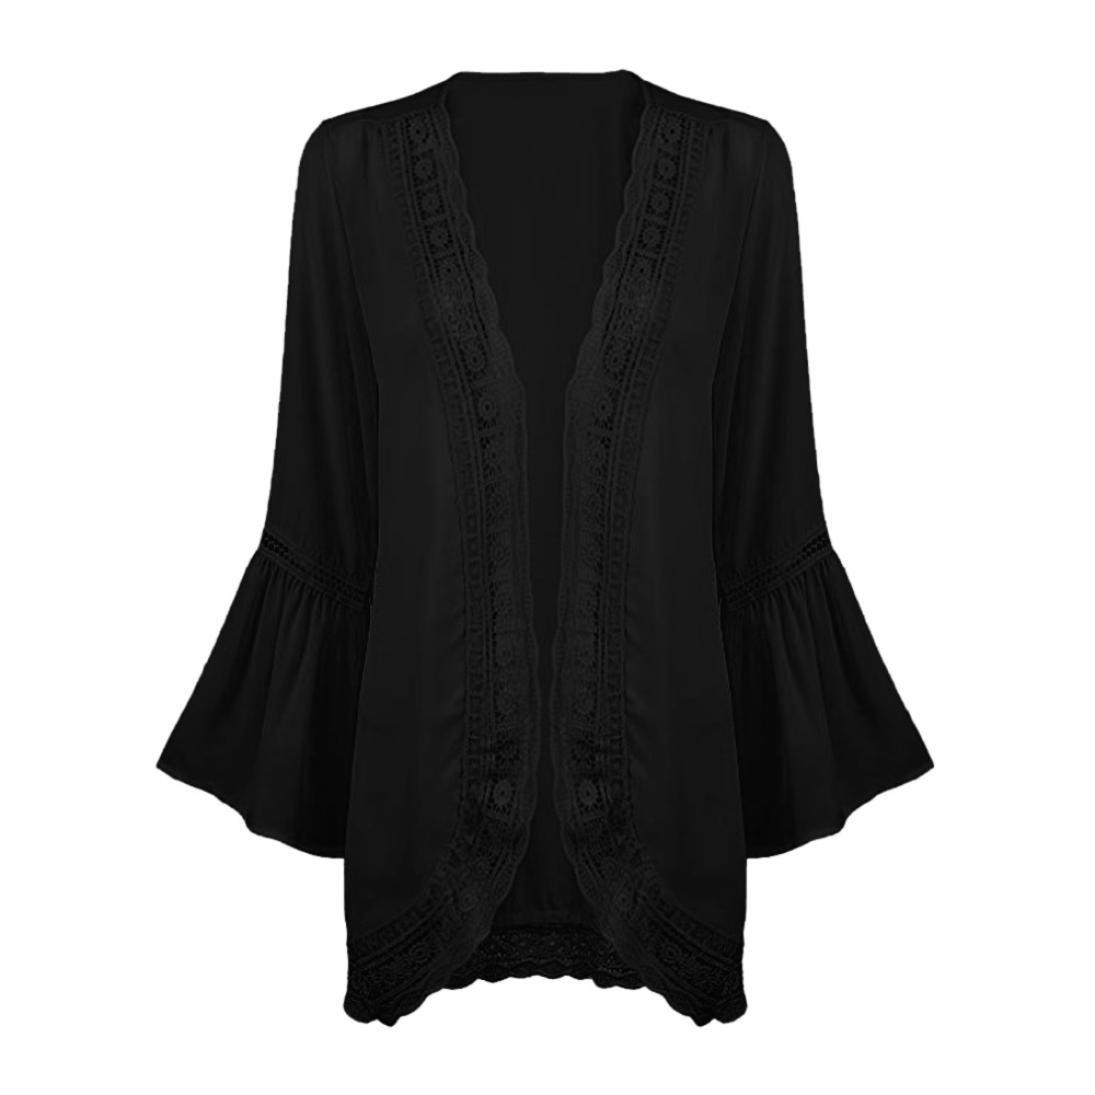 9bc43ab692ee QinMM Blusa y Camisa de Rebeca de Gasa con Encaje de Mujer, Chaqueta de  Kimono de otoño de Manga Larga Fiesta Boda Tops: Amazon.es: Ropa y  accesorios